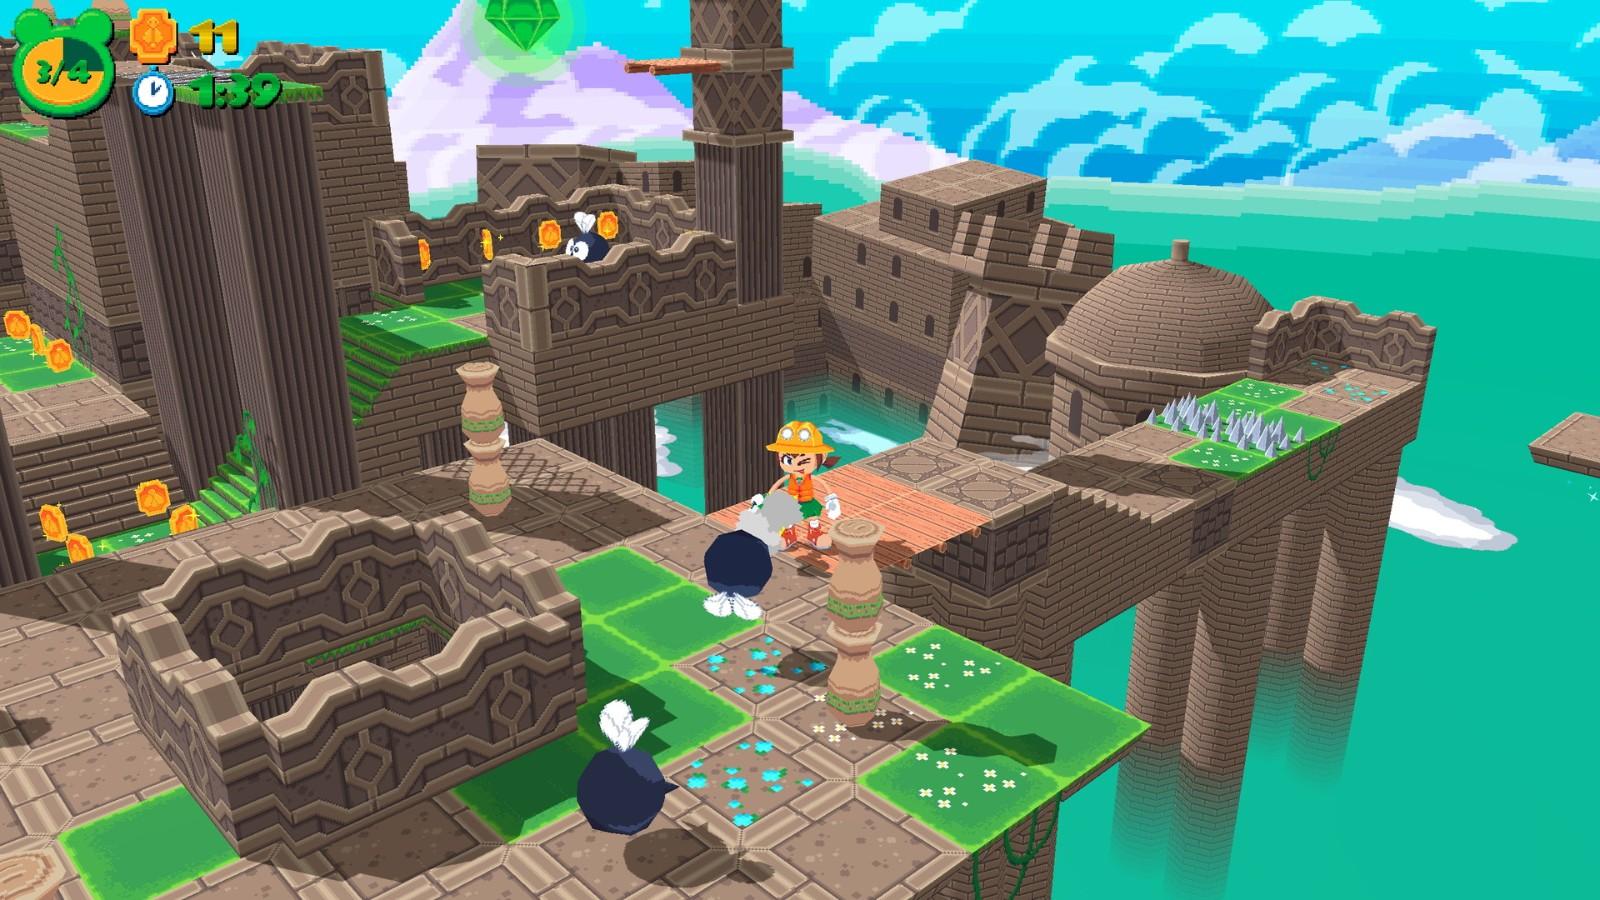 复古风格3D平台游戏《蛙枪》2022年全平台发售